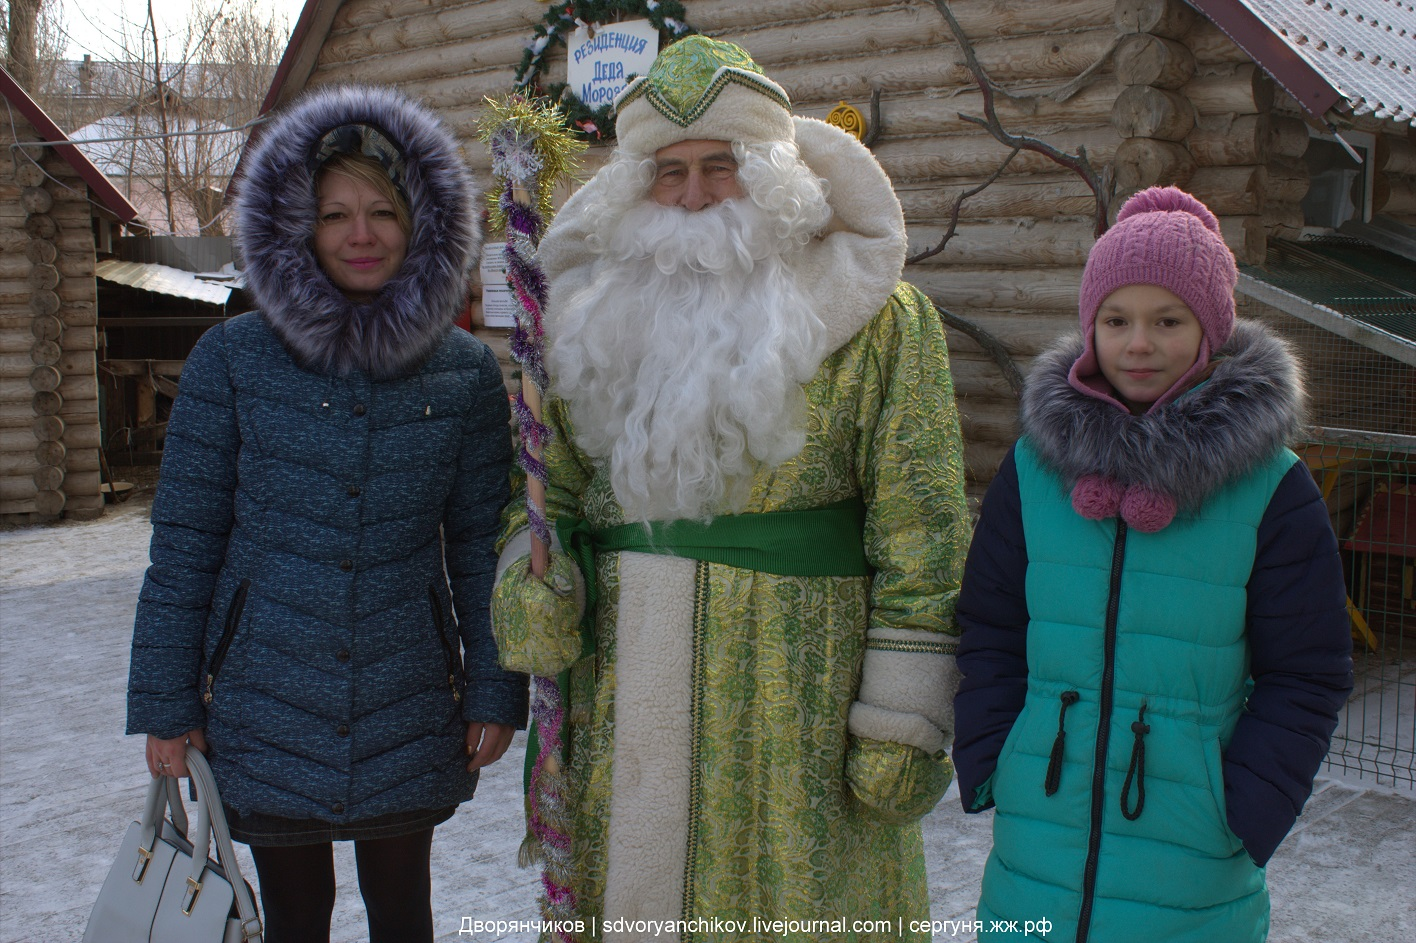 Дед мороз в парке ВГС - 11 января 2017